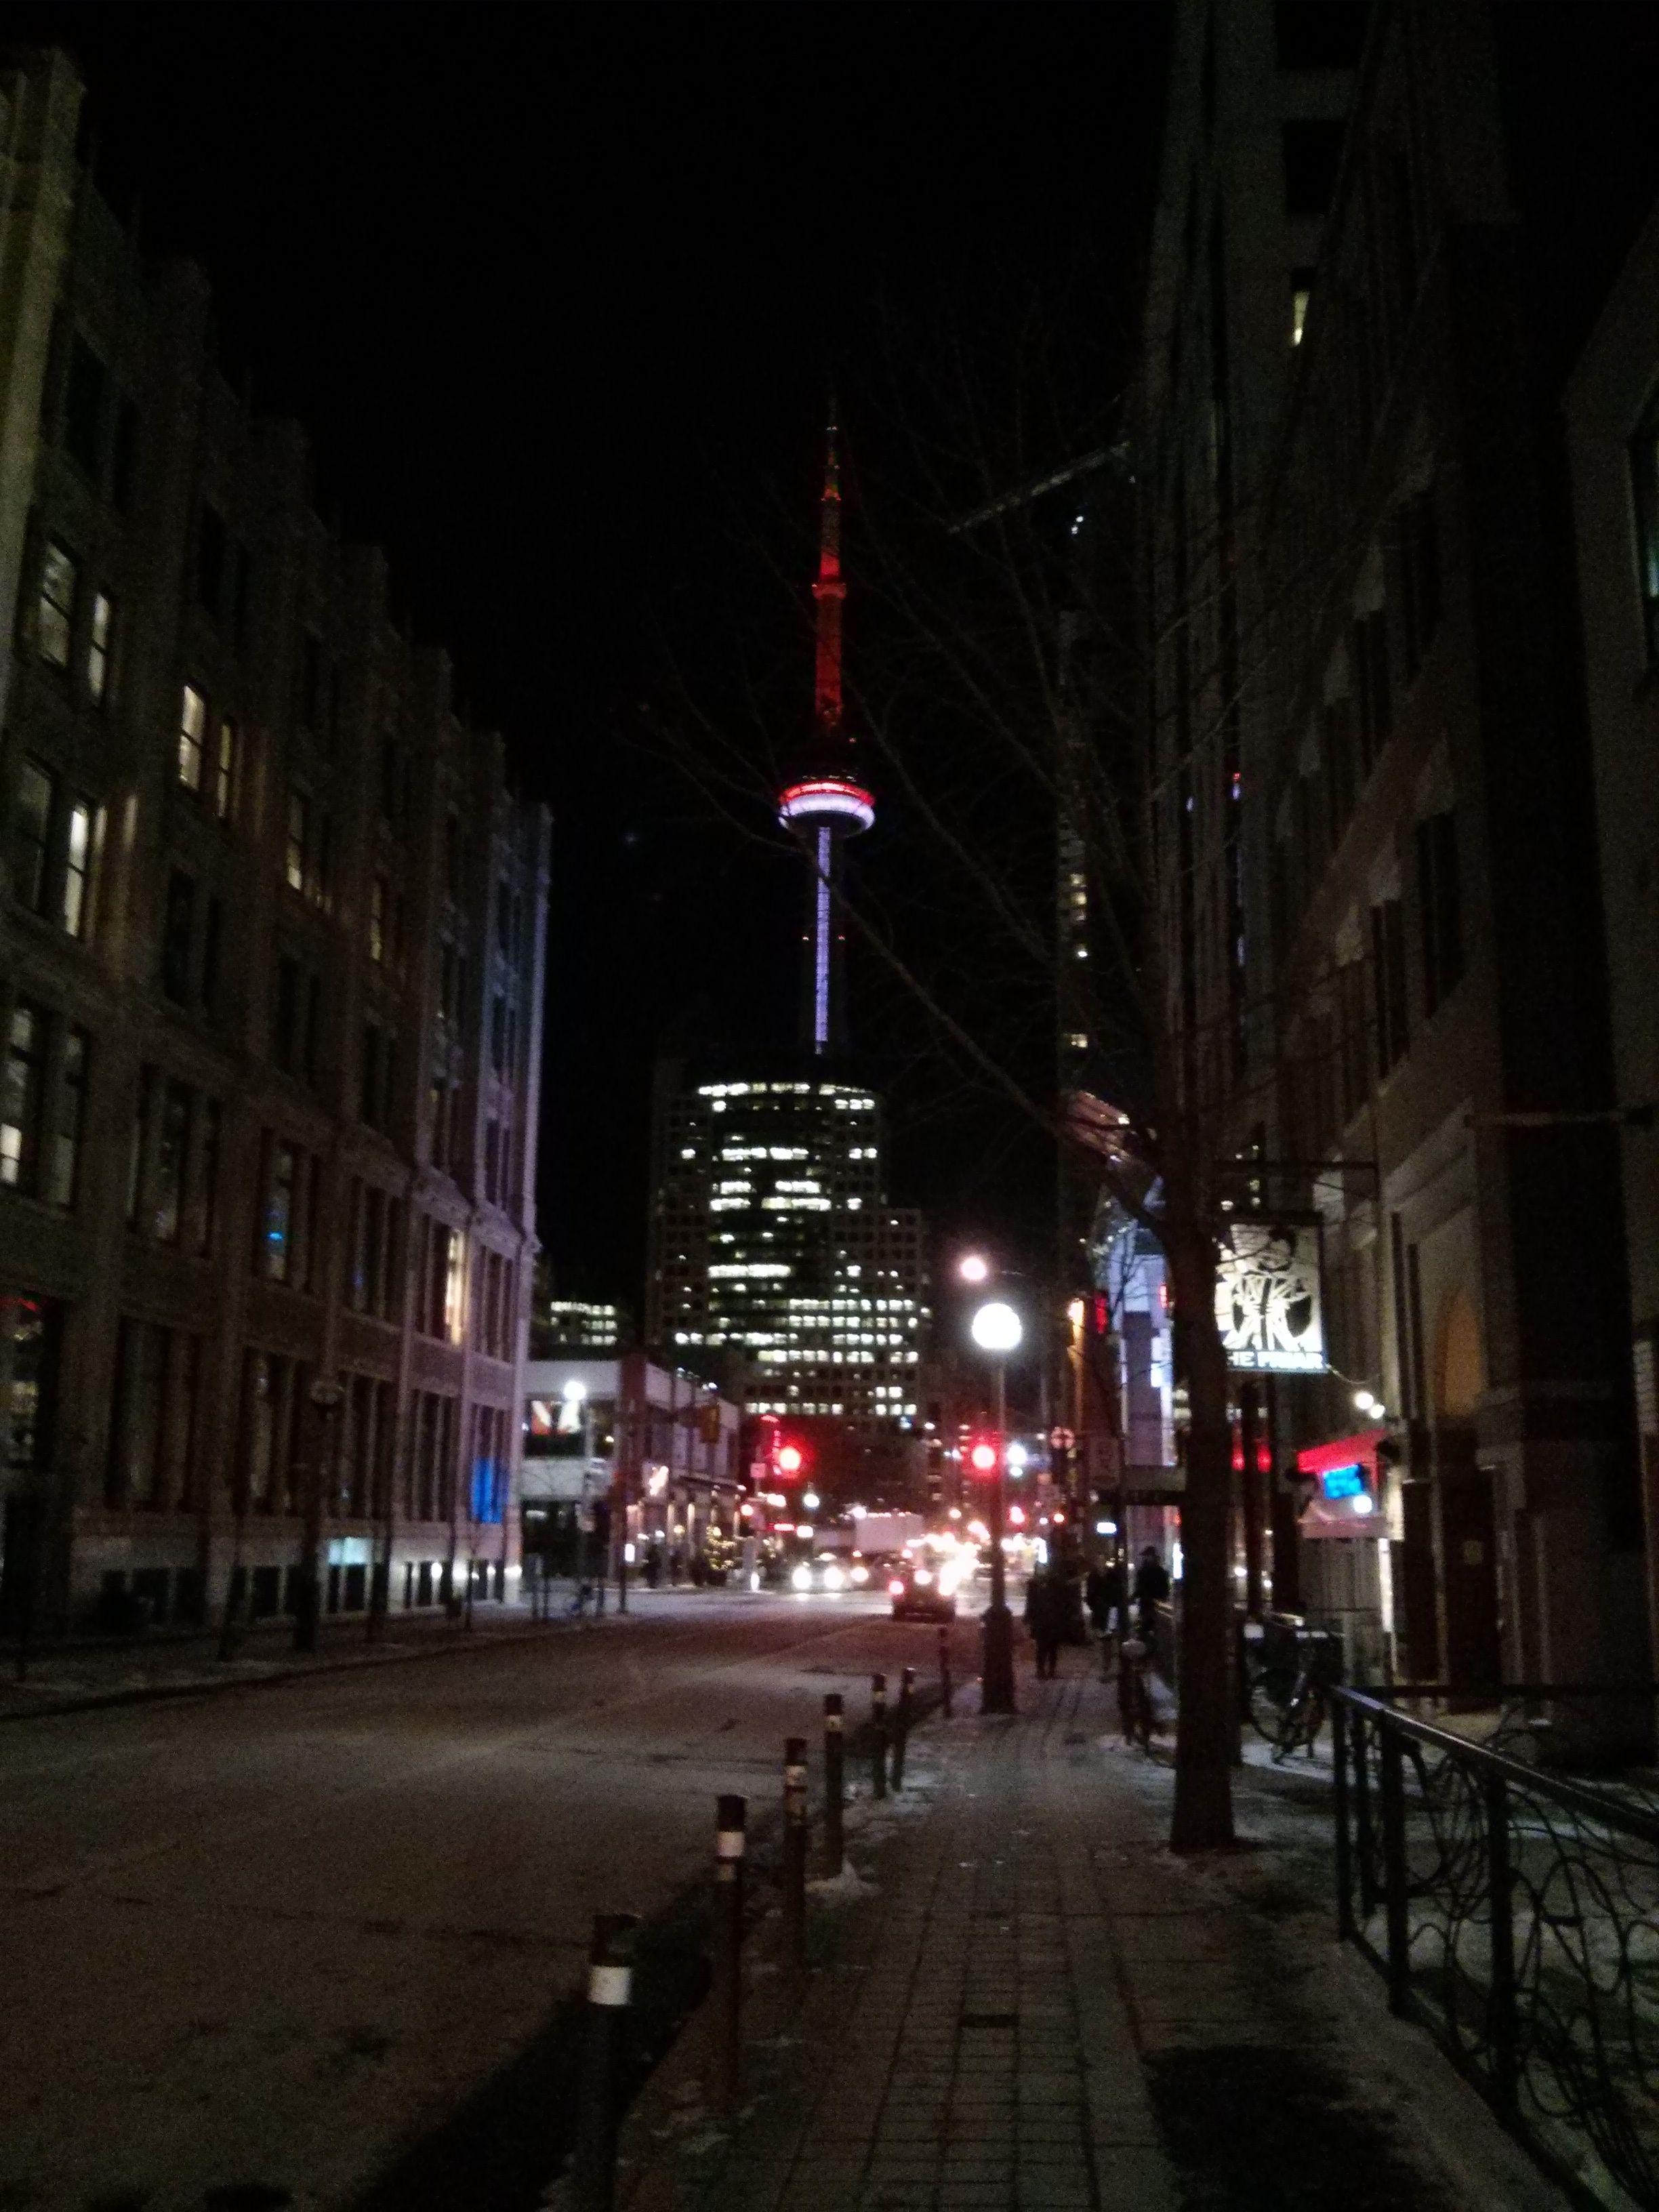 On a cold winter's night.... still pretty~